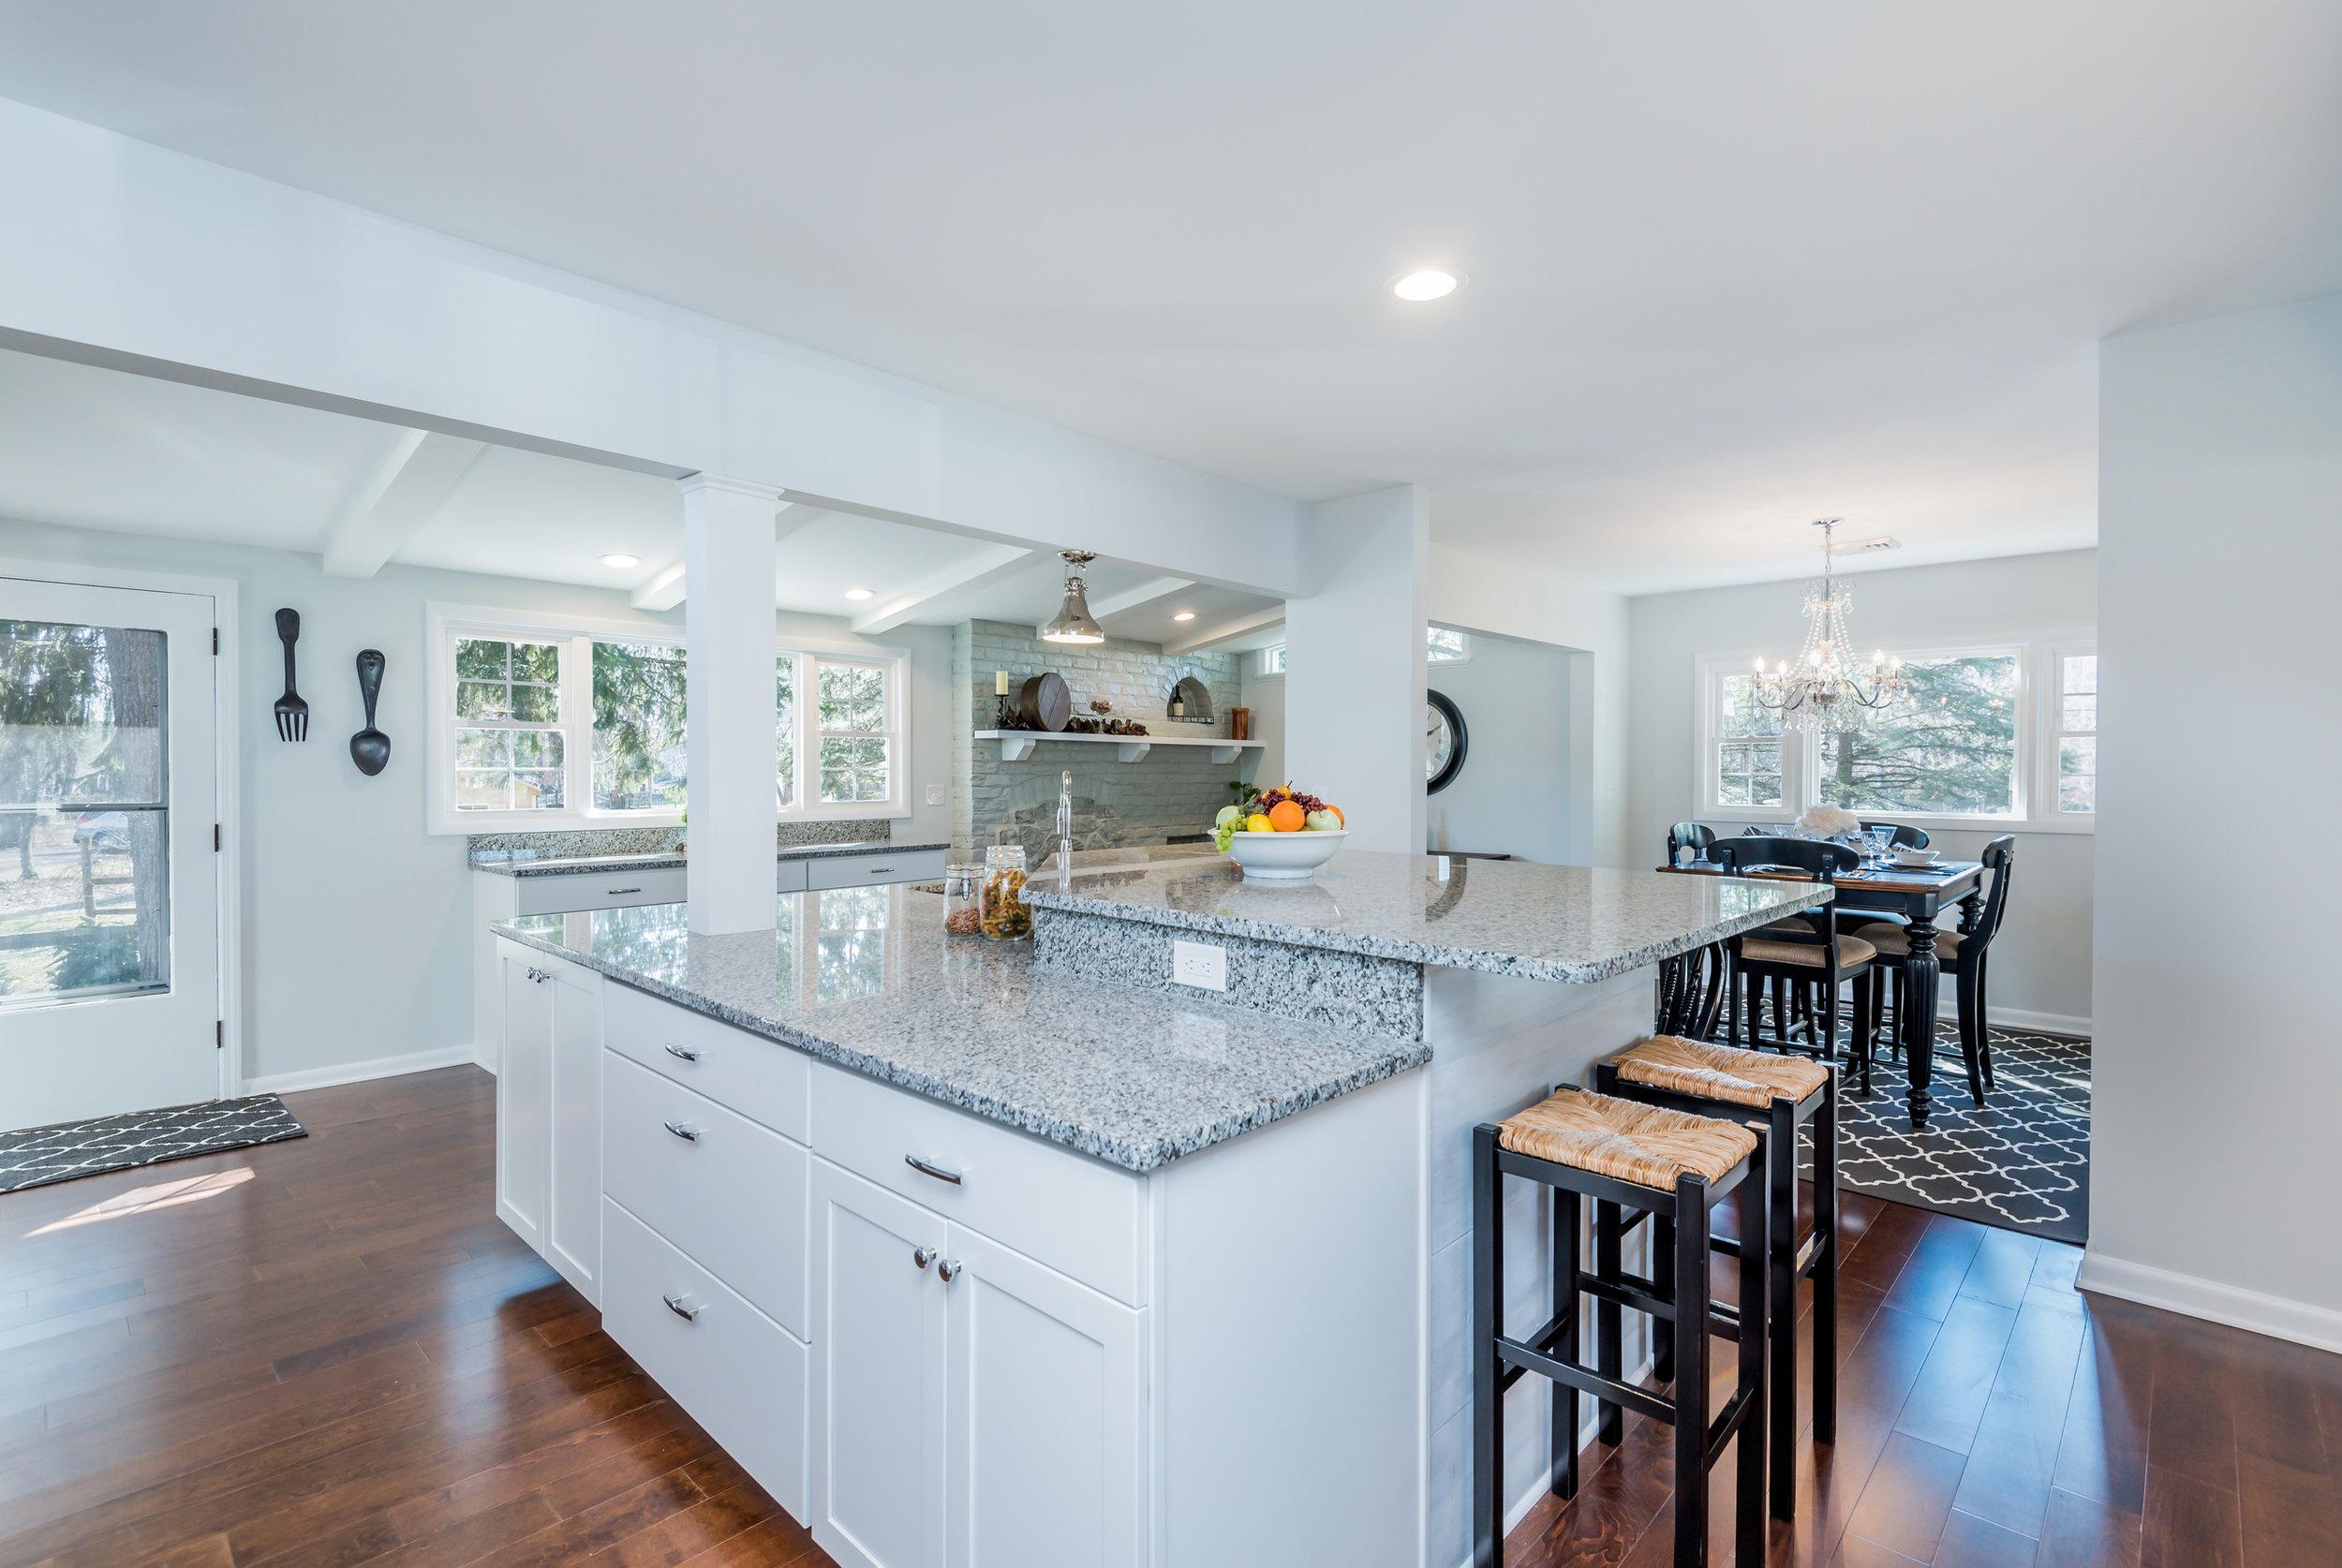 kitchen_island_1_of_1_.jpg